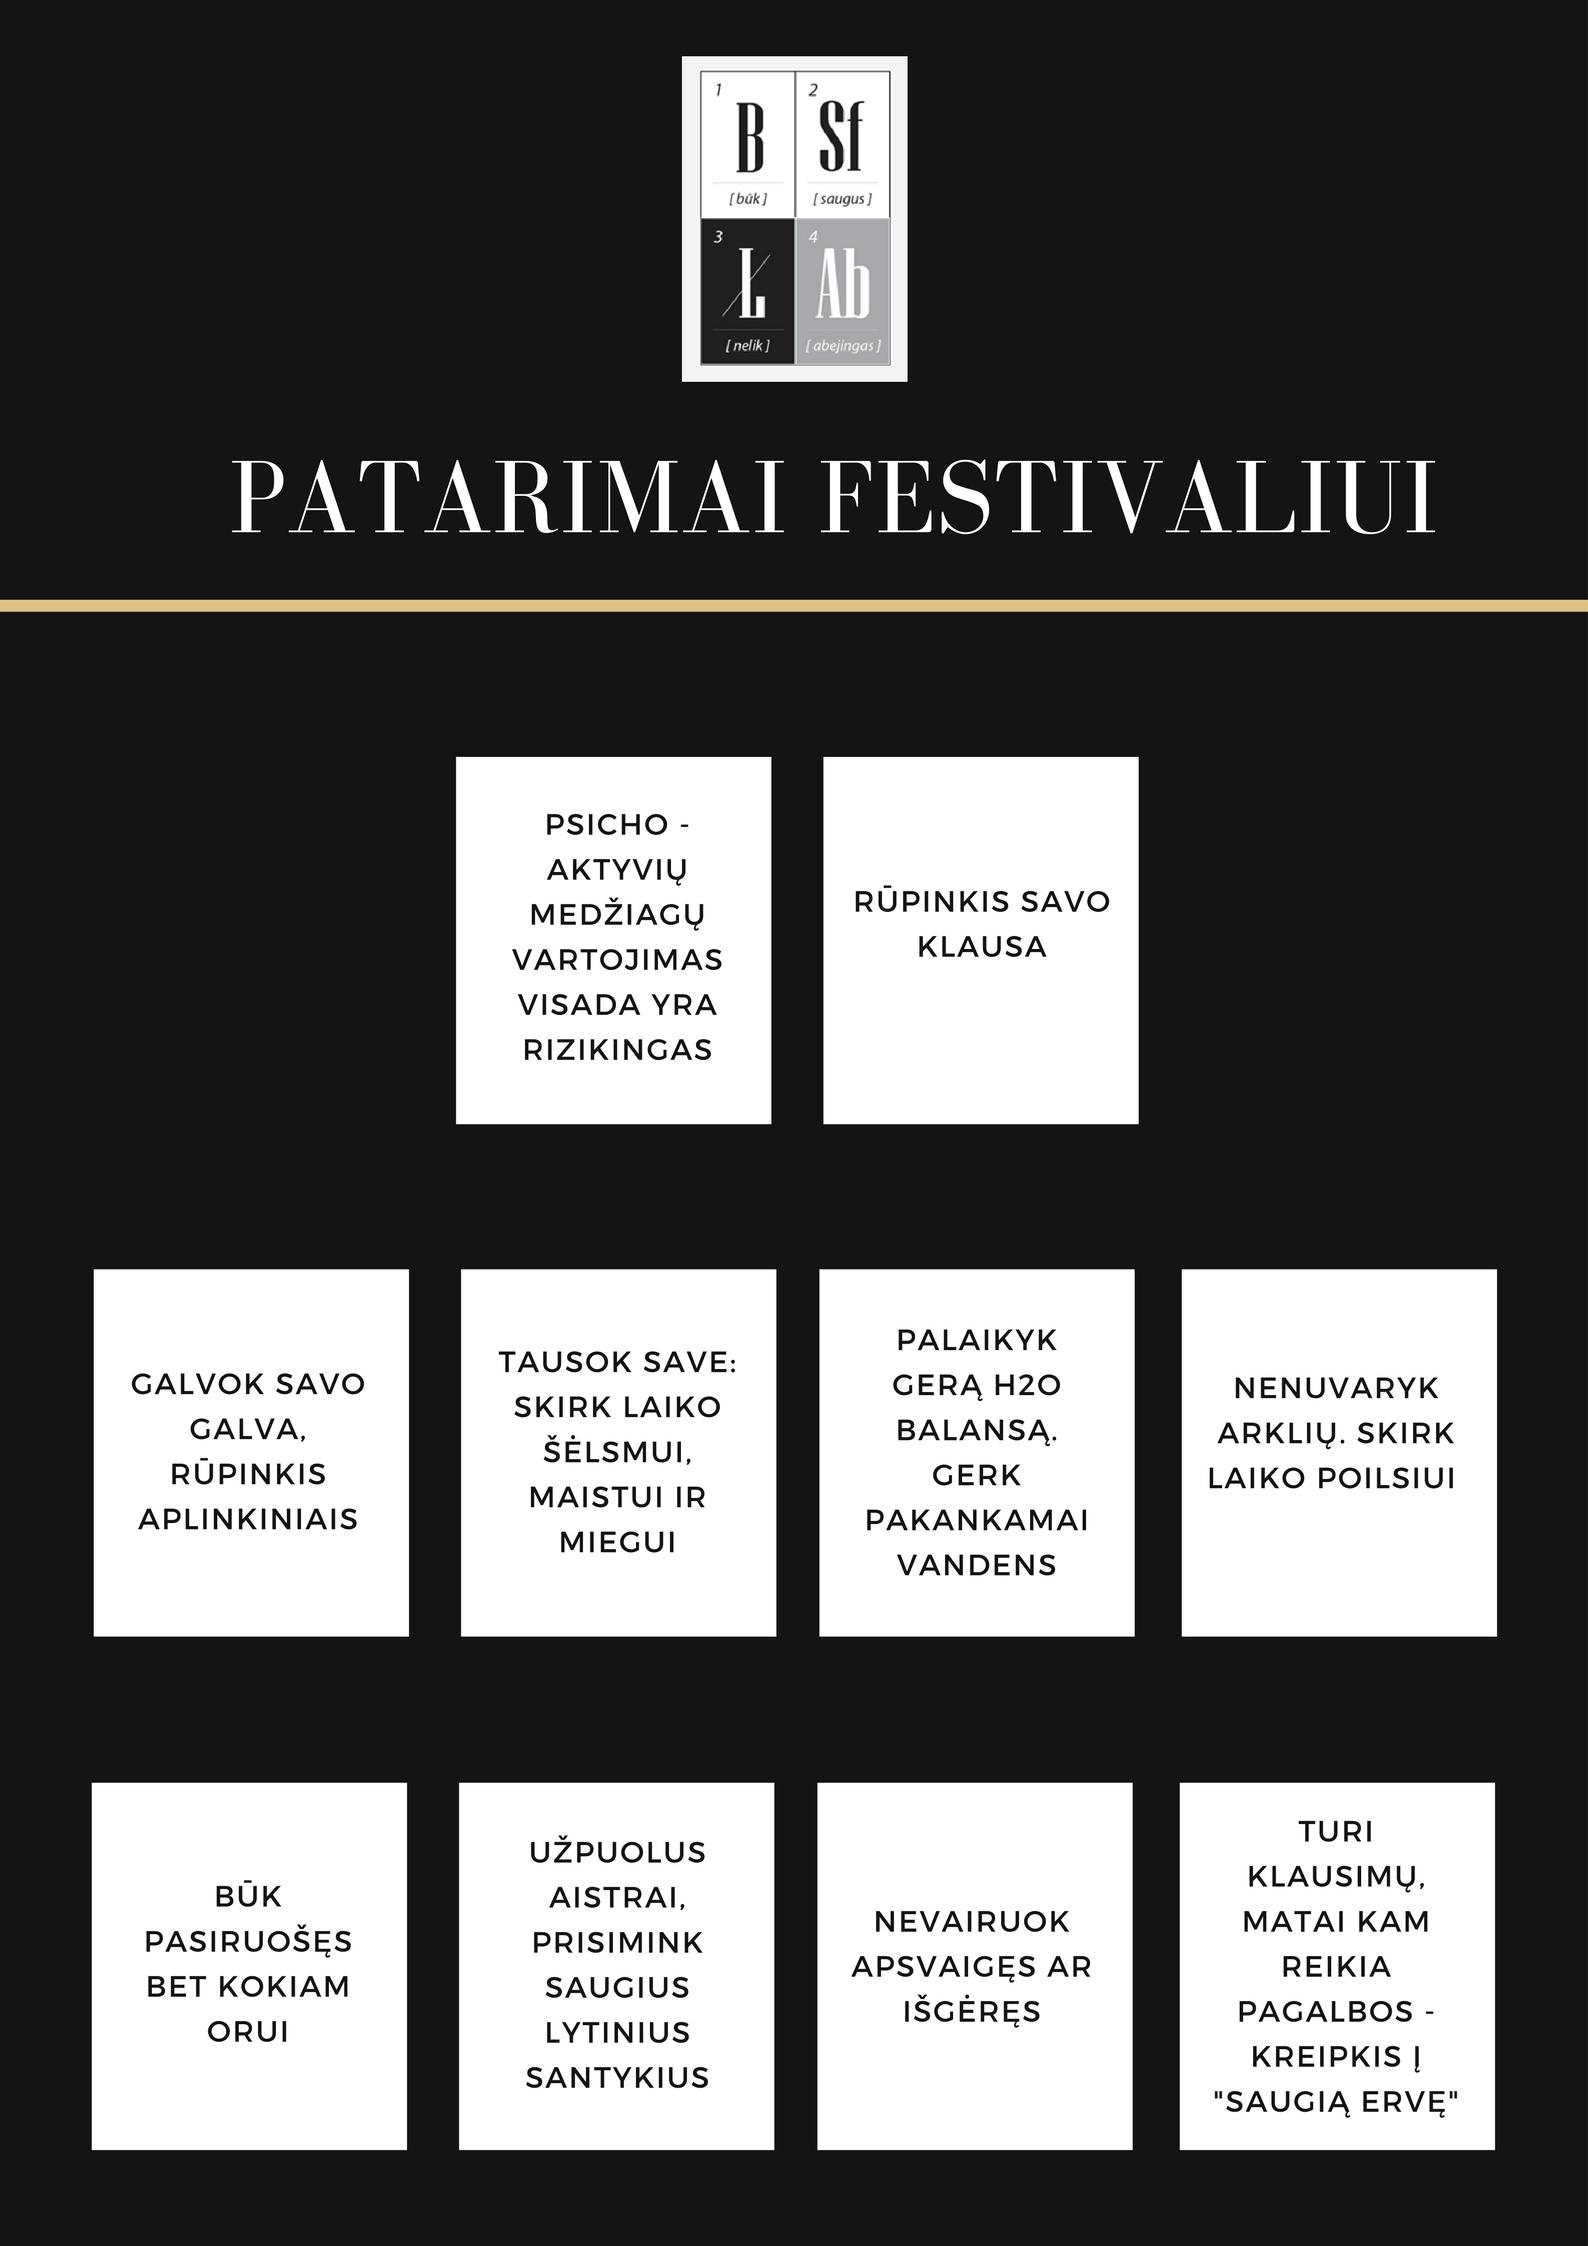 PATARIMAI